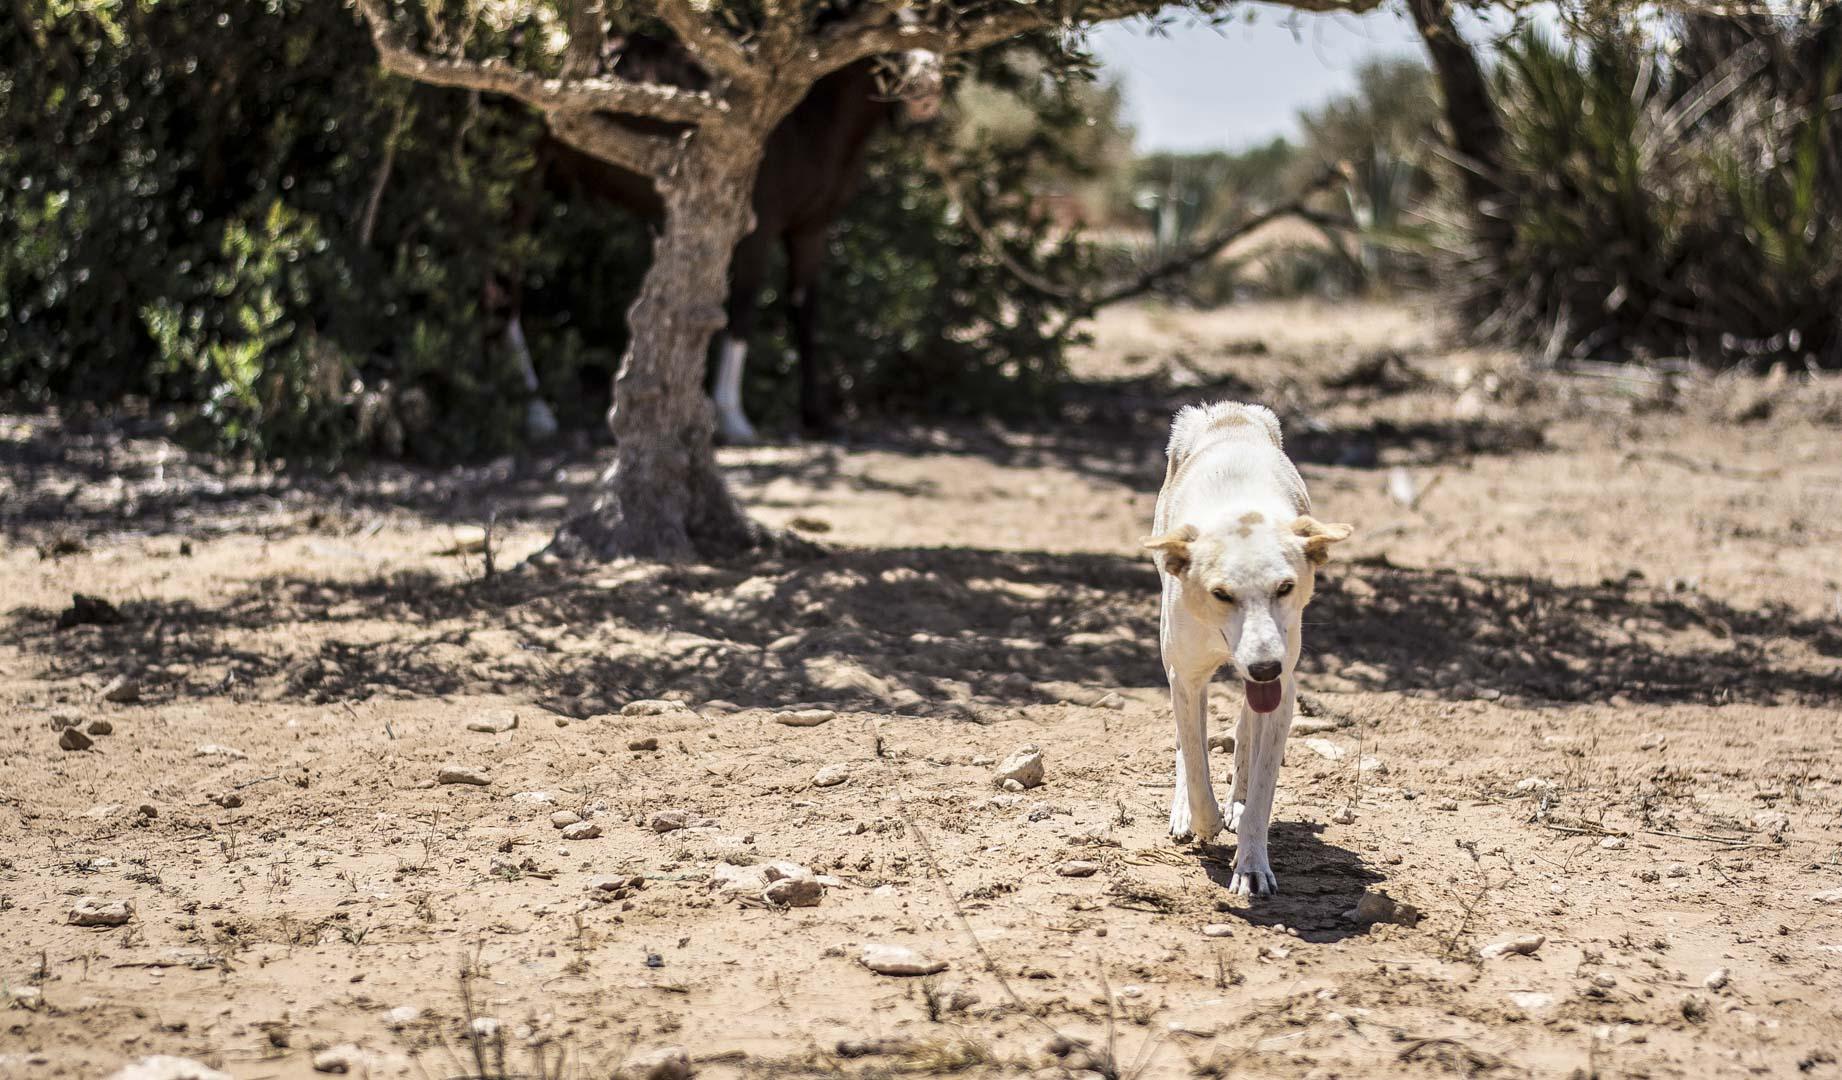 Fotografická expedice Djerba 2017 reportážní fotograf praha Jakub Morávek Djerba photography -82